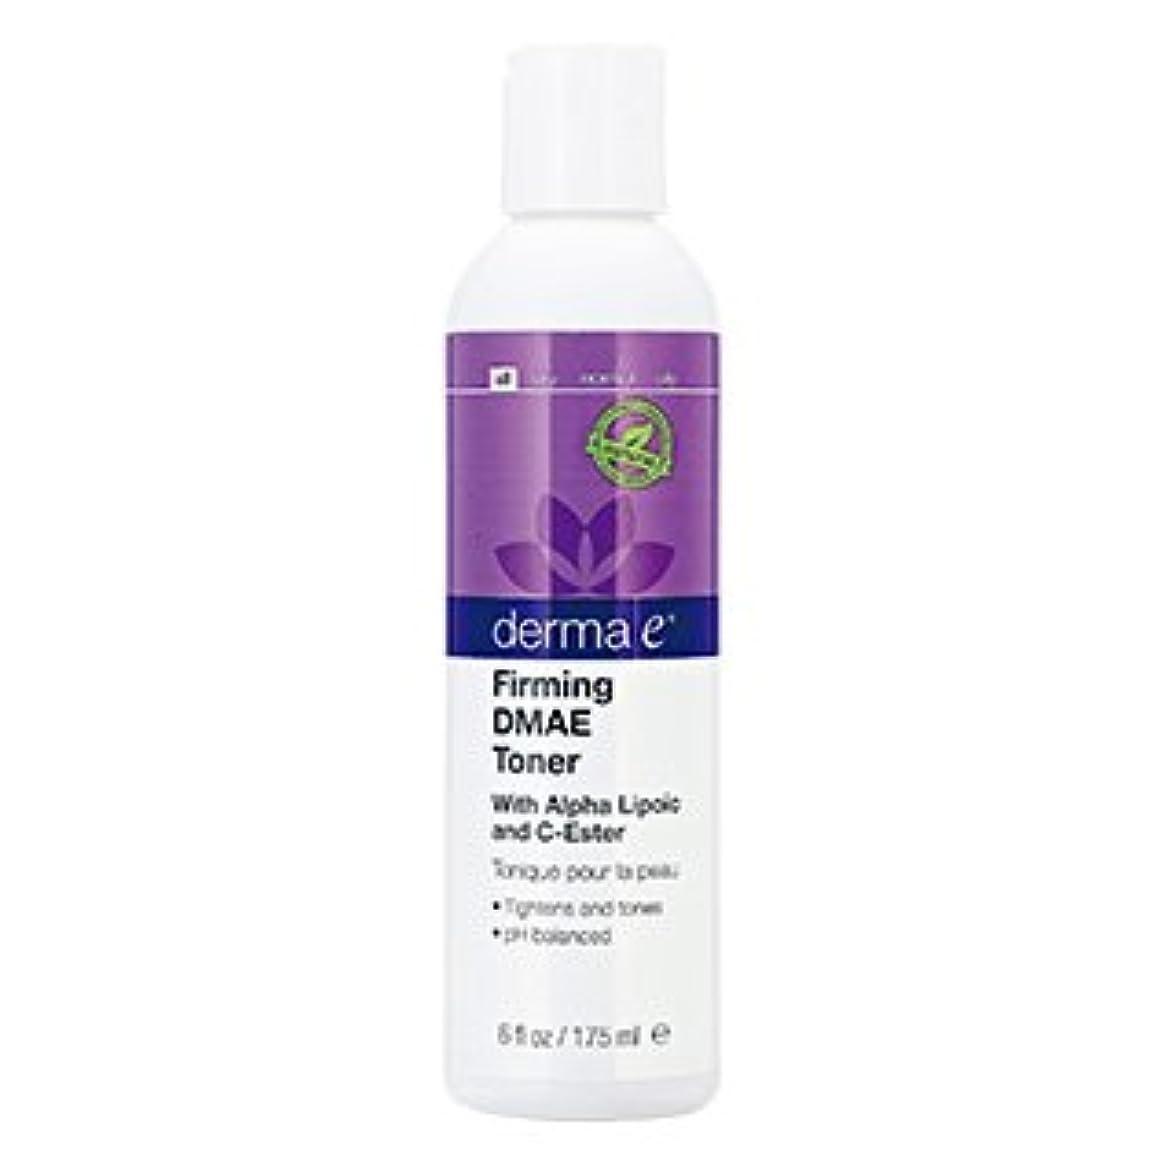 日焼け樹木ペルソナダーマE(Derma E) DMAE アルファリポ酸 Cエスター ファーミングフェイシャルトナー 175ml [海外直送][並行輸入品]